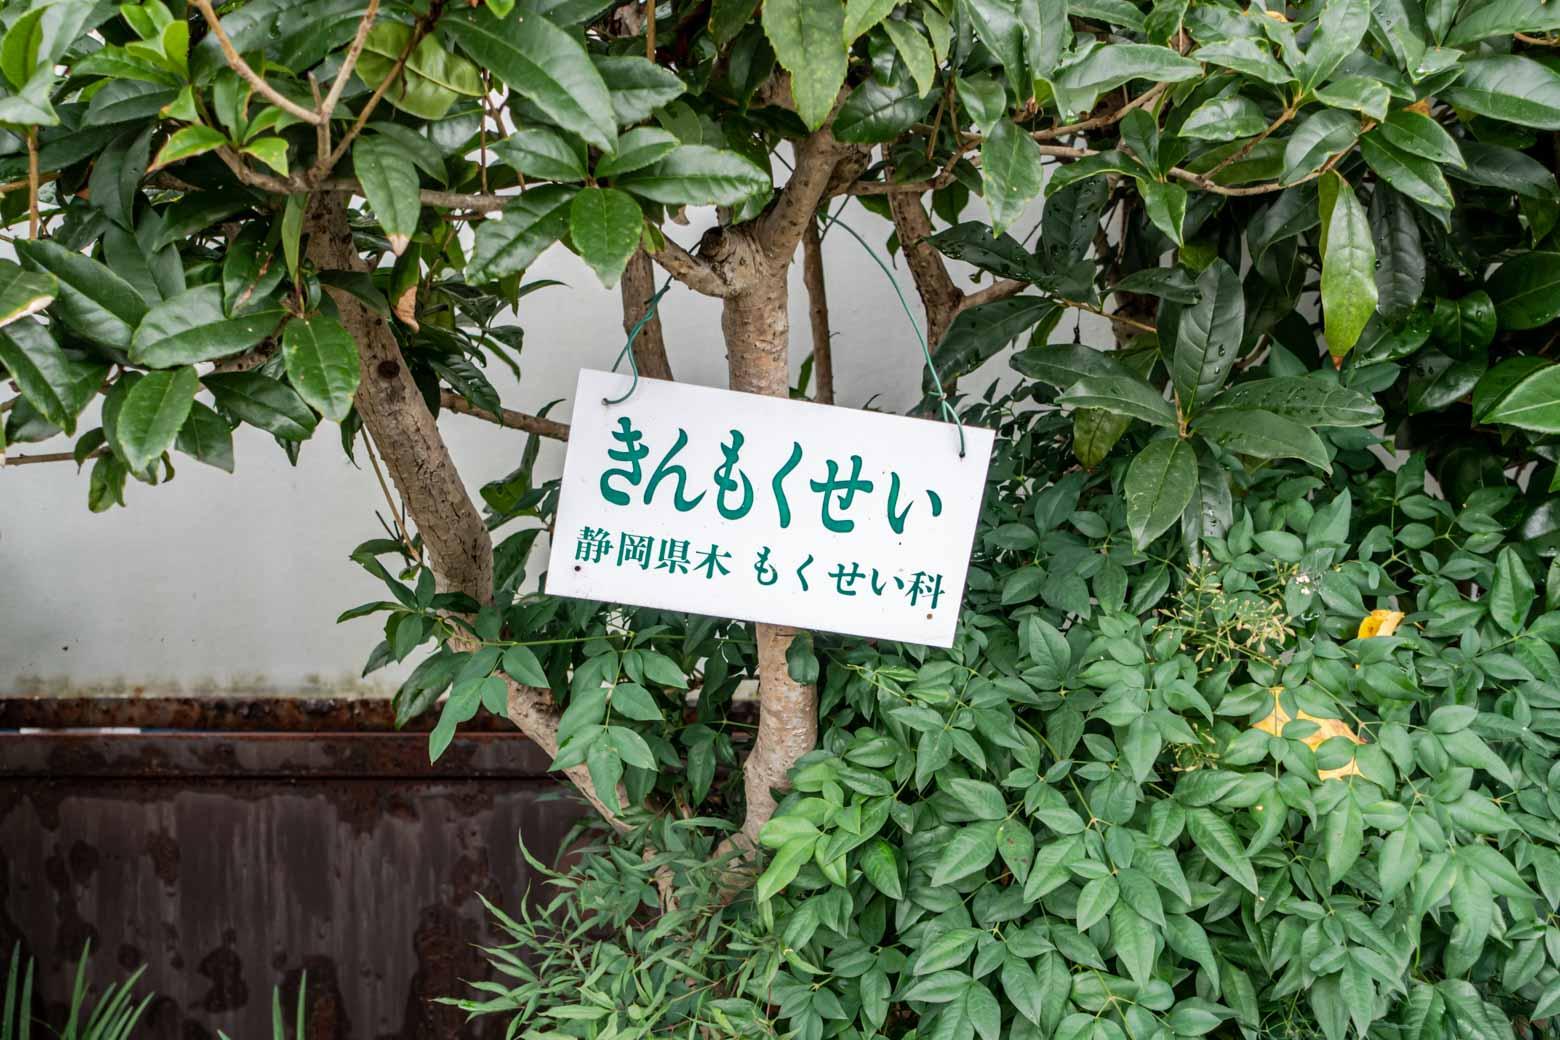 きんもくせいが植えられています。秋にまた来たいな。